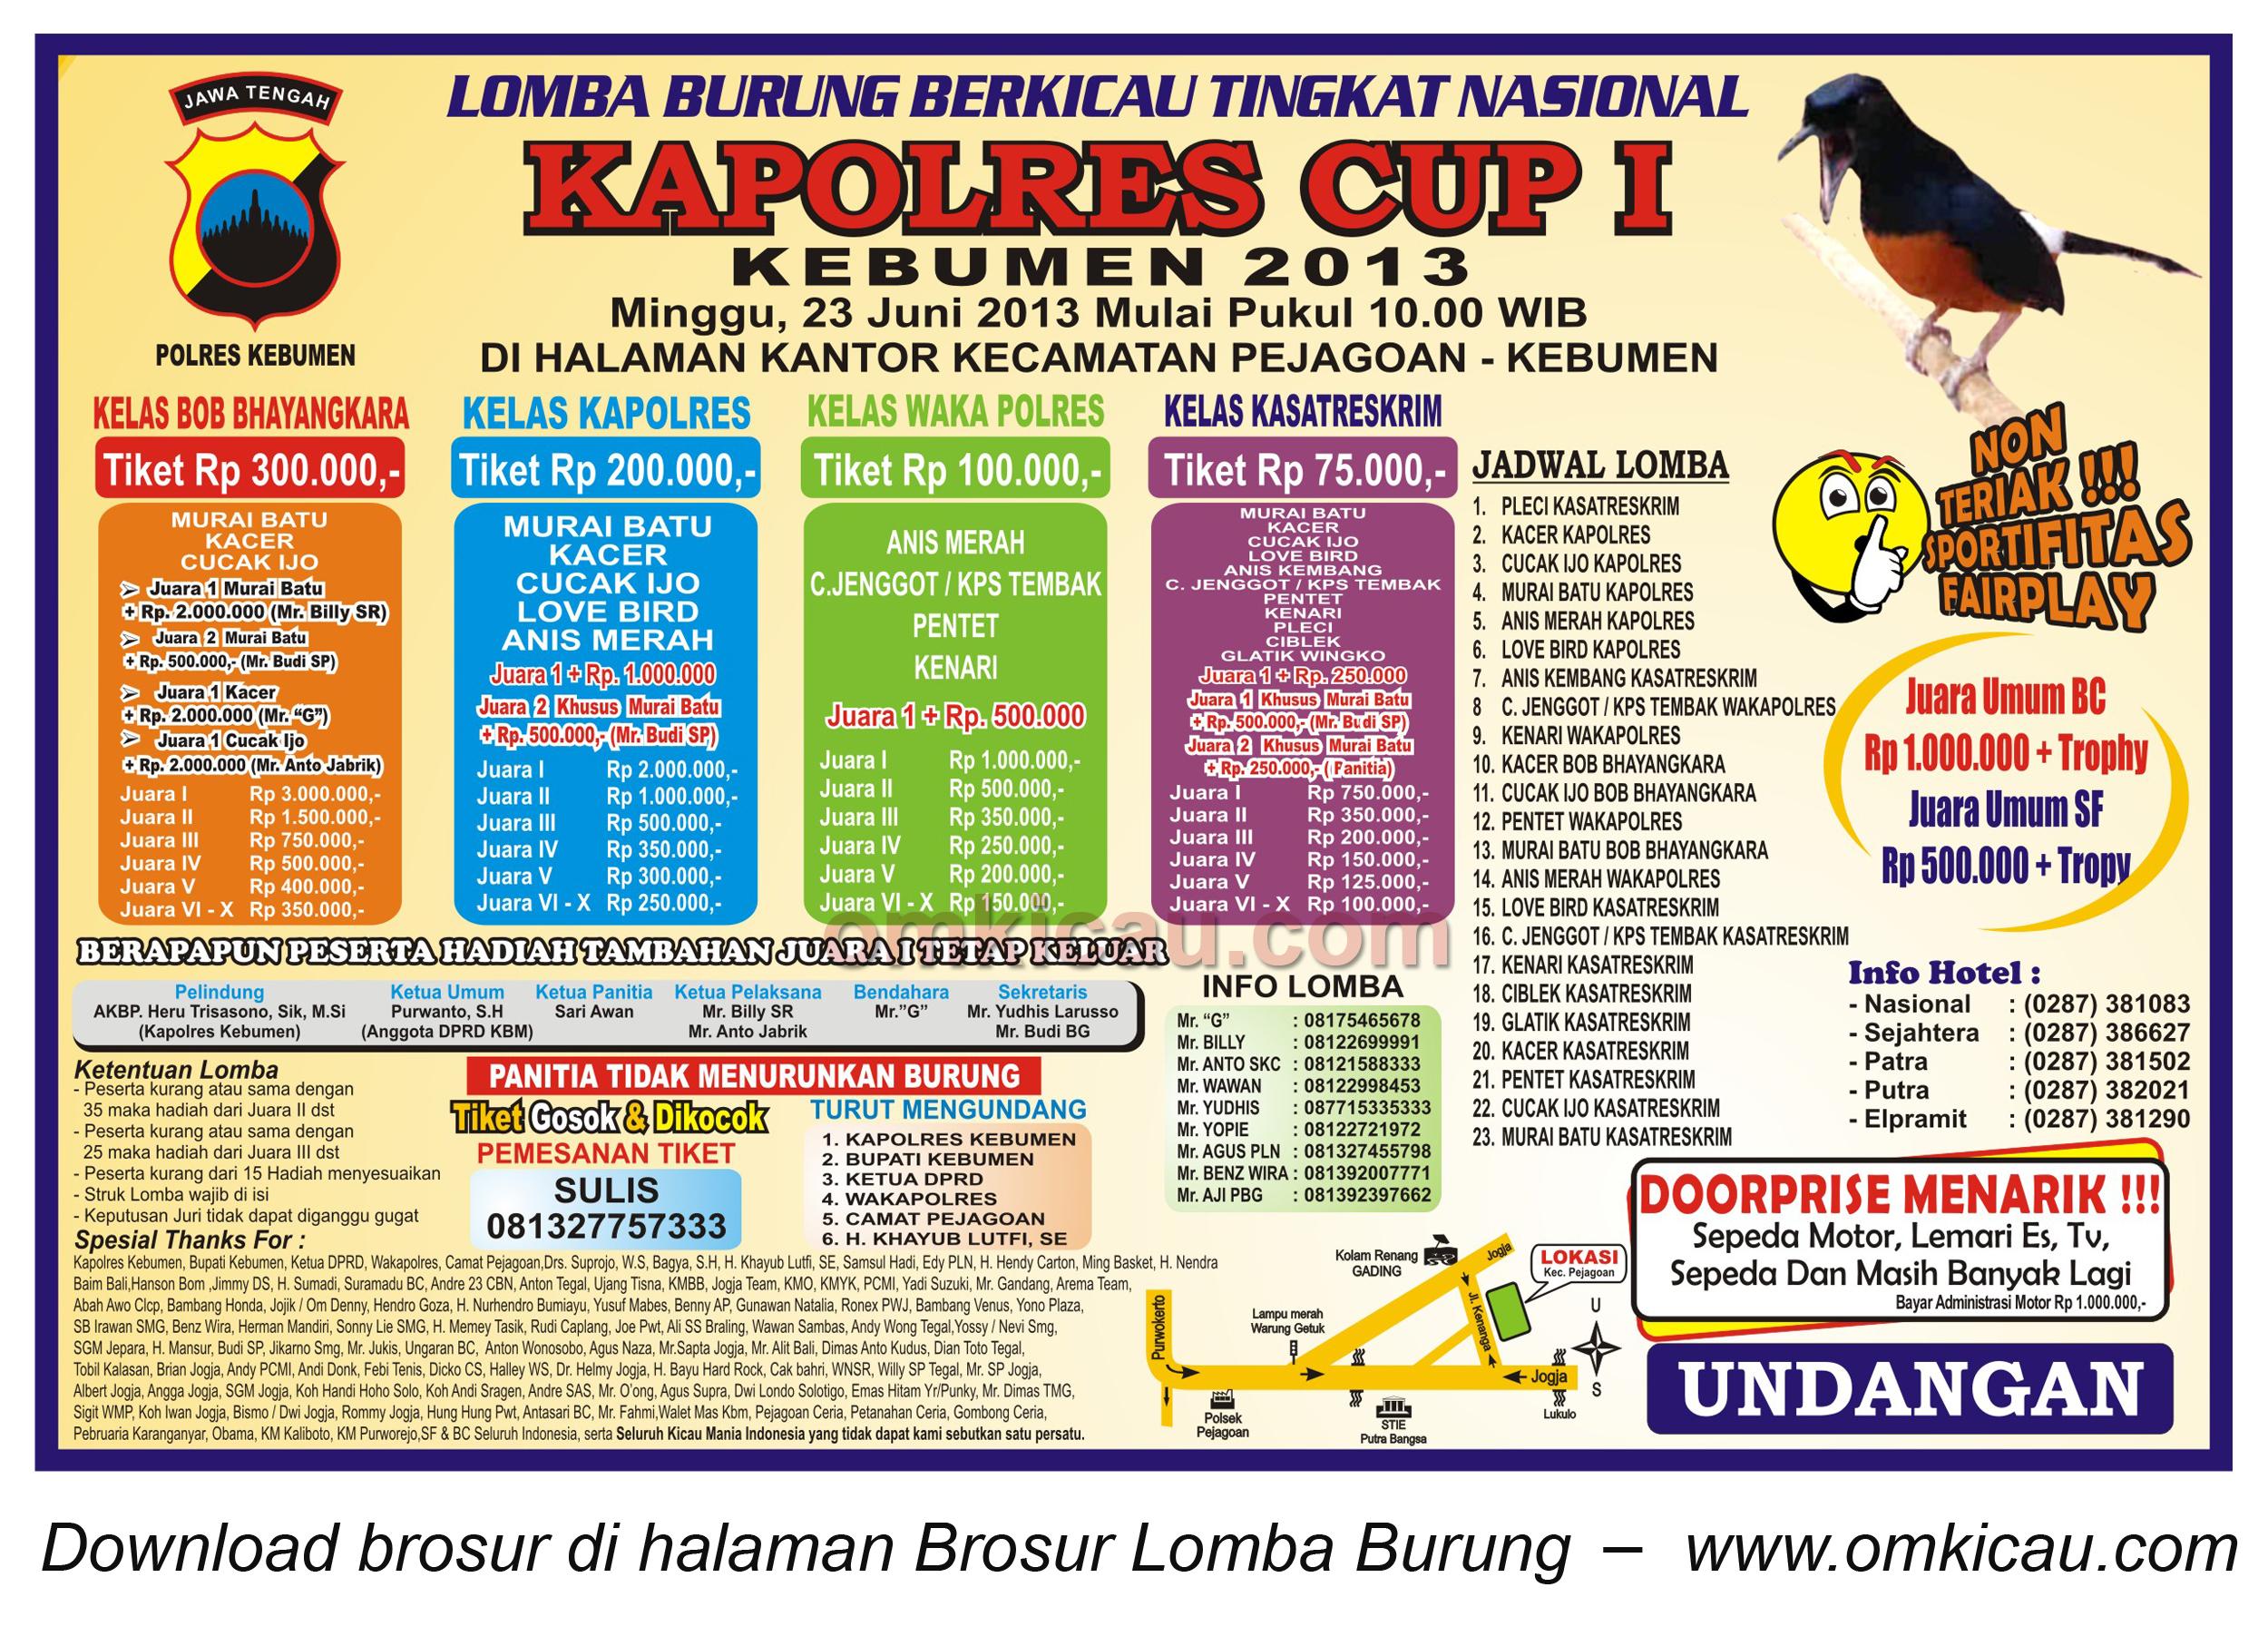 BROSUR Kapolres CUP 1 Kebumen - 23 Juni 2013